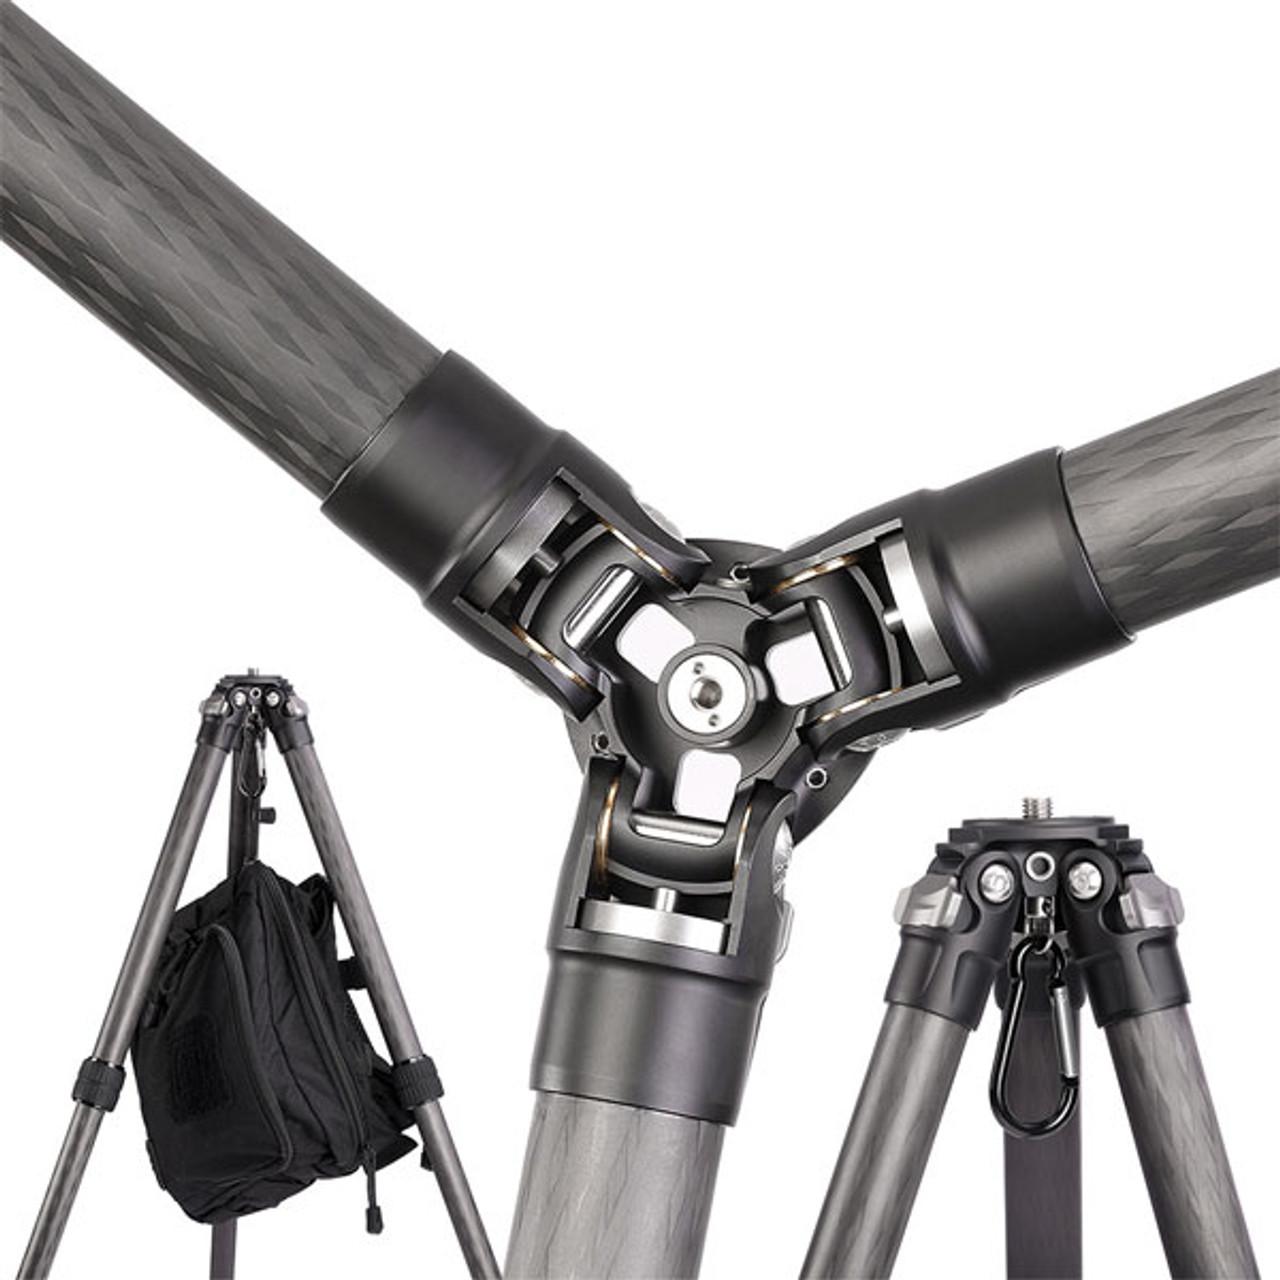 Leofoto LS-365C 36mm 5 Section Compact Carbon Fiber Tripod